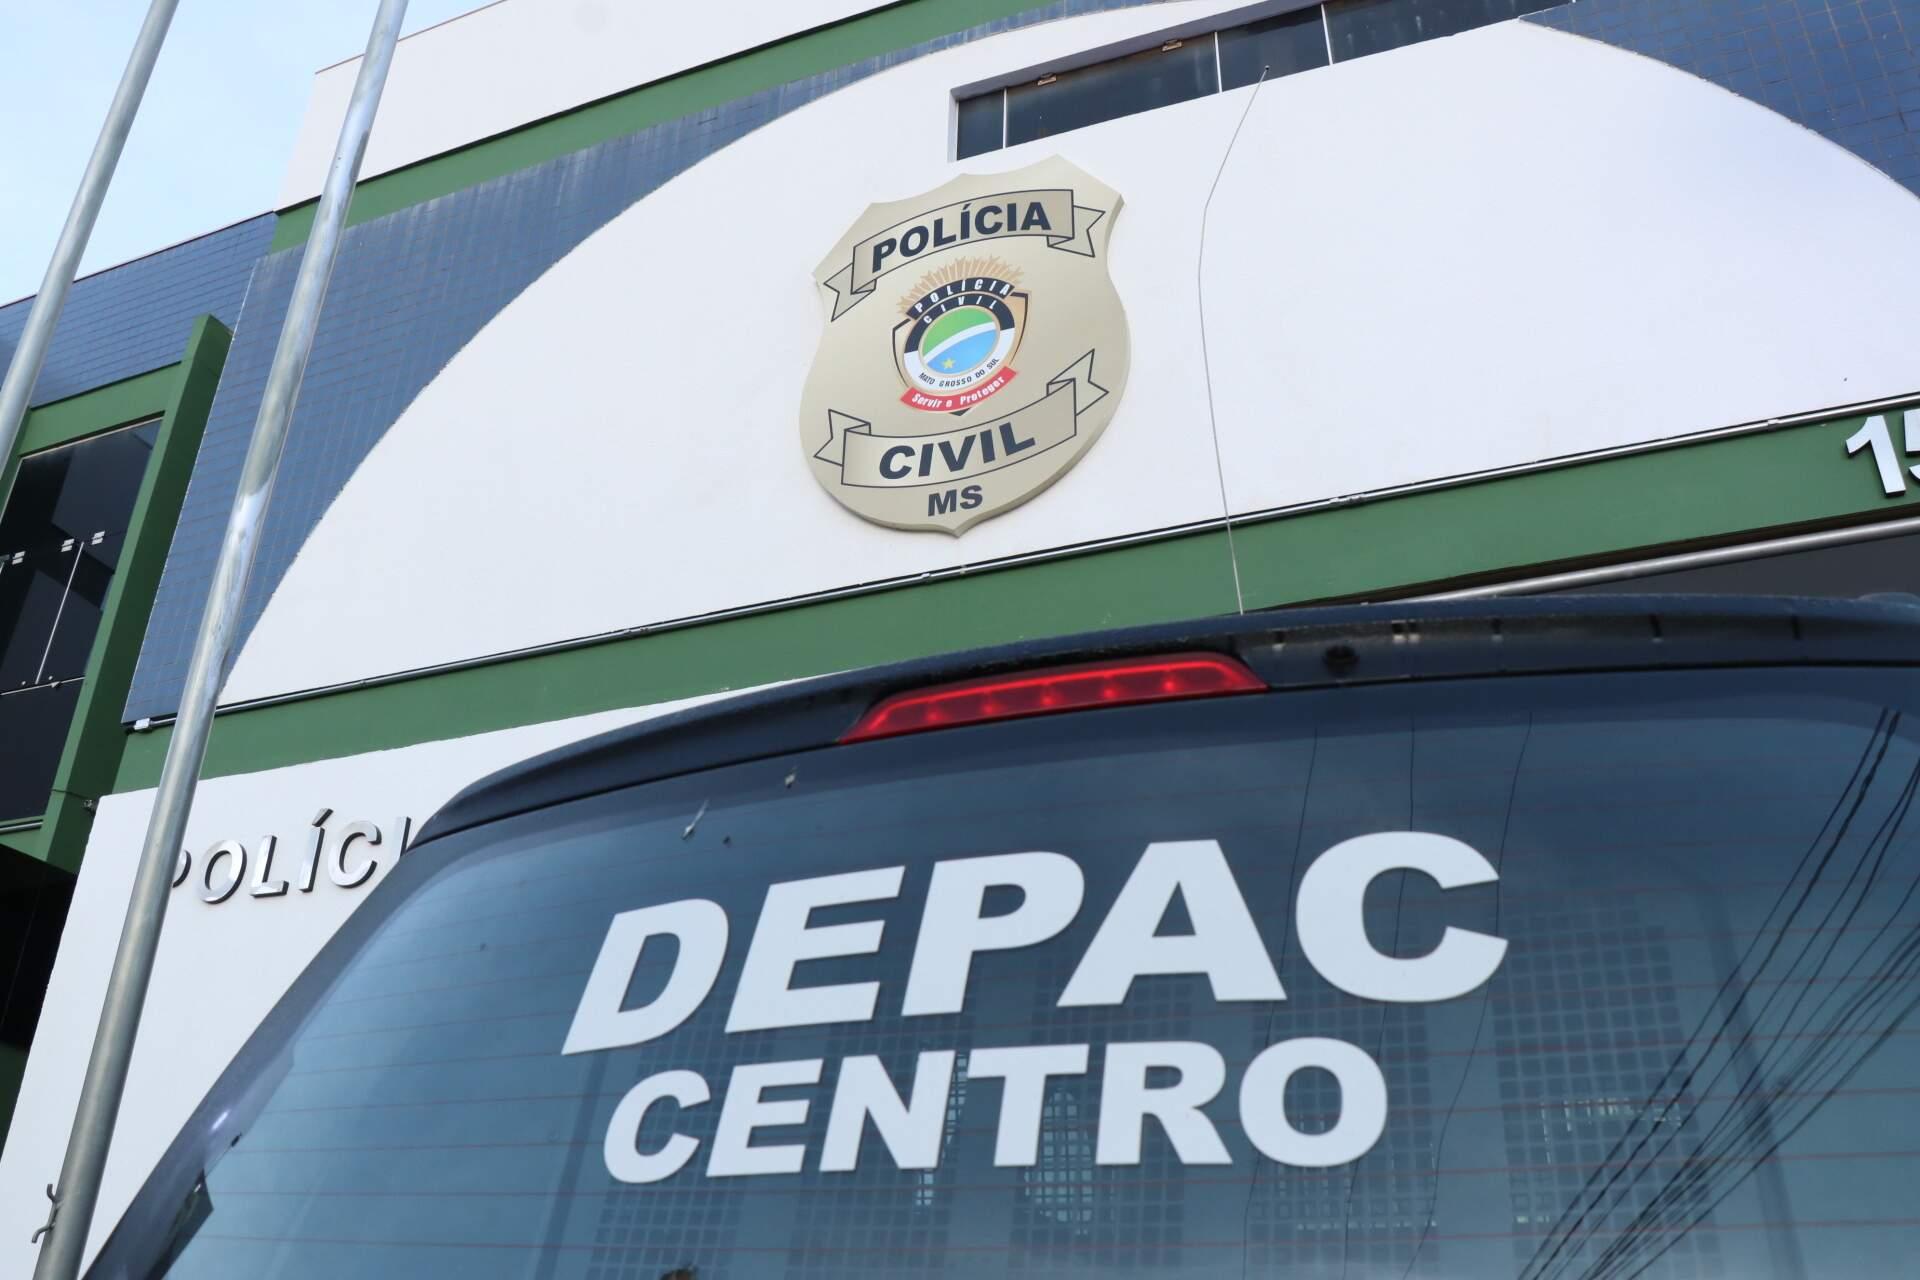 Caso foi registrado na Depac da região central de Campo Grande (Foto/Arquivo: Henrique Kawaminami)